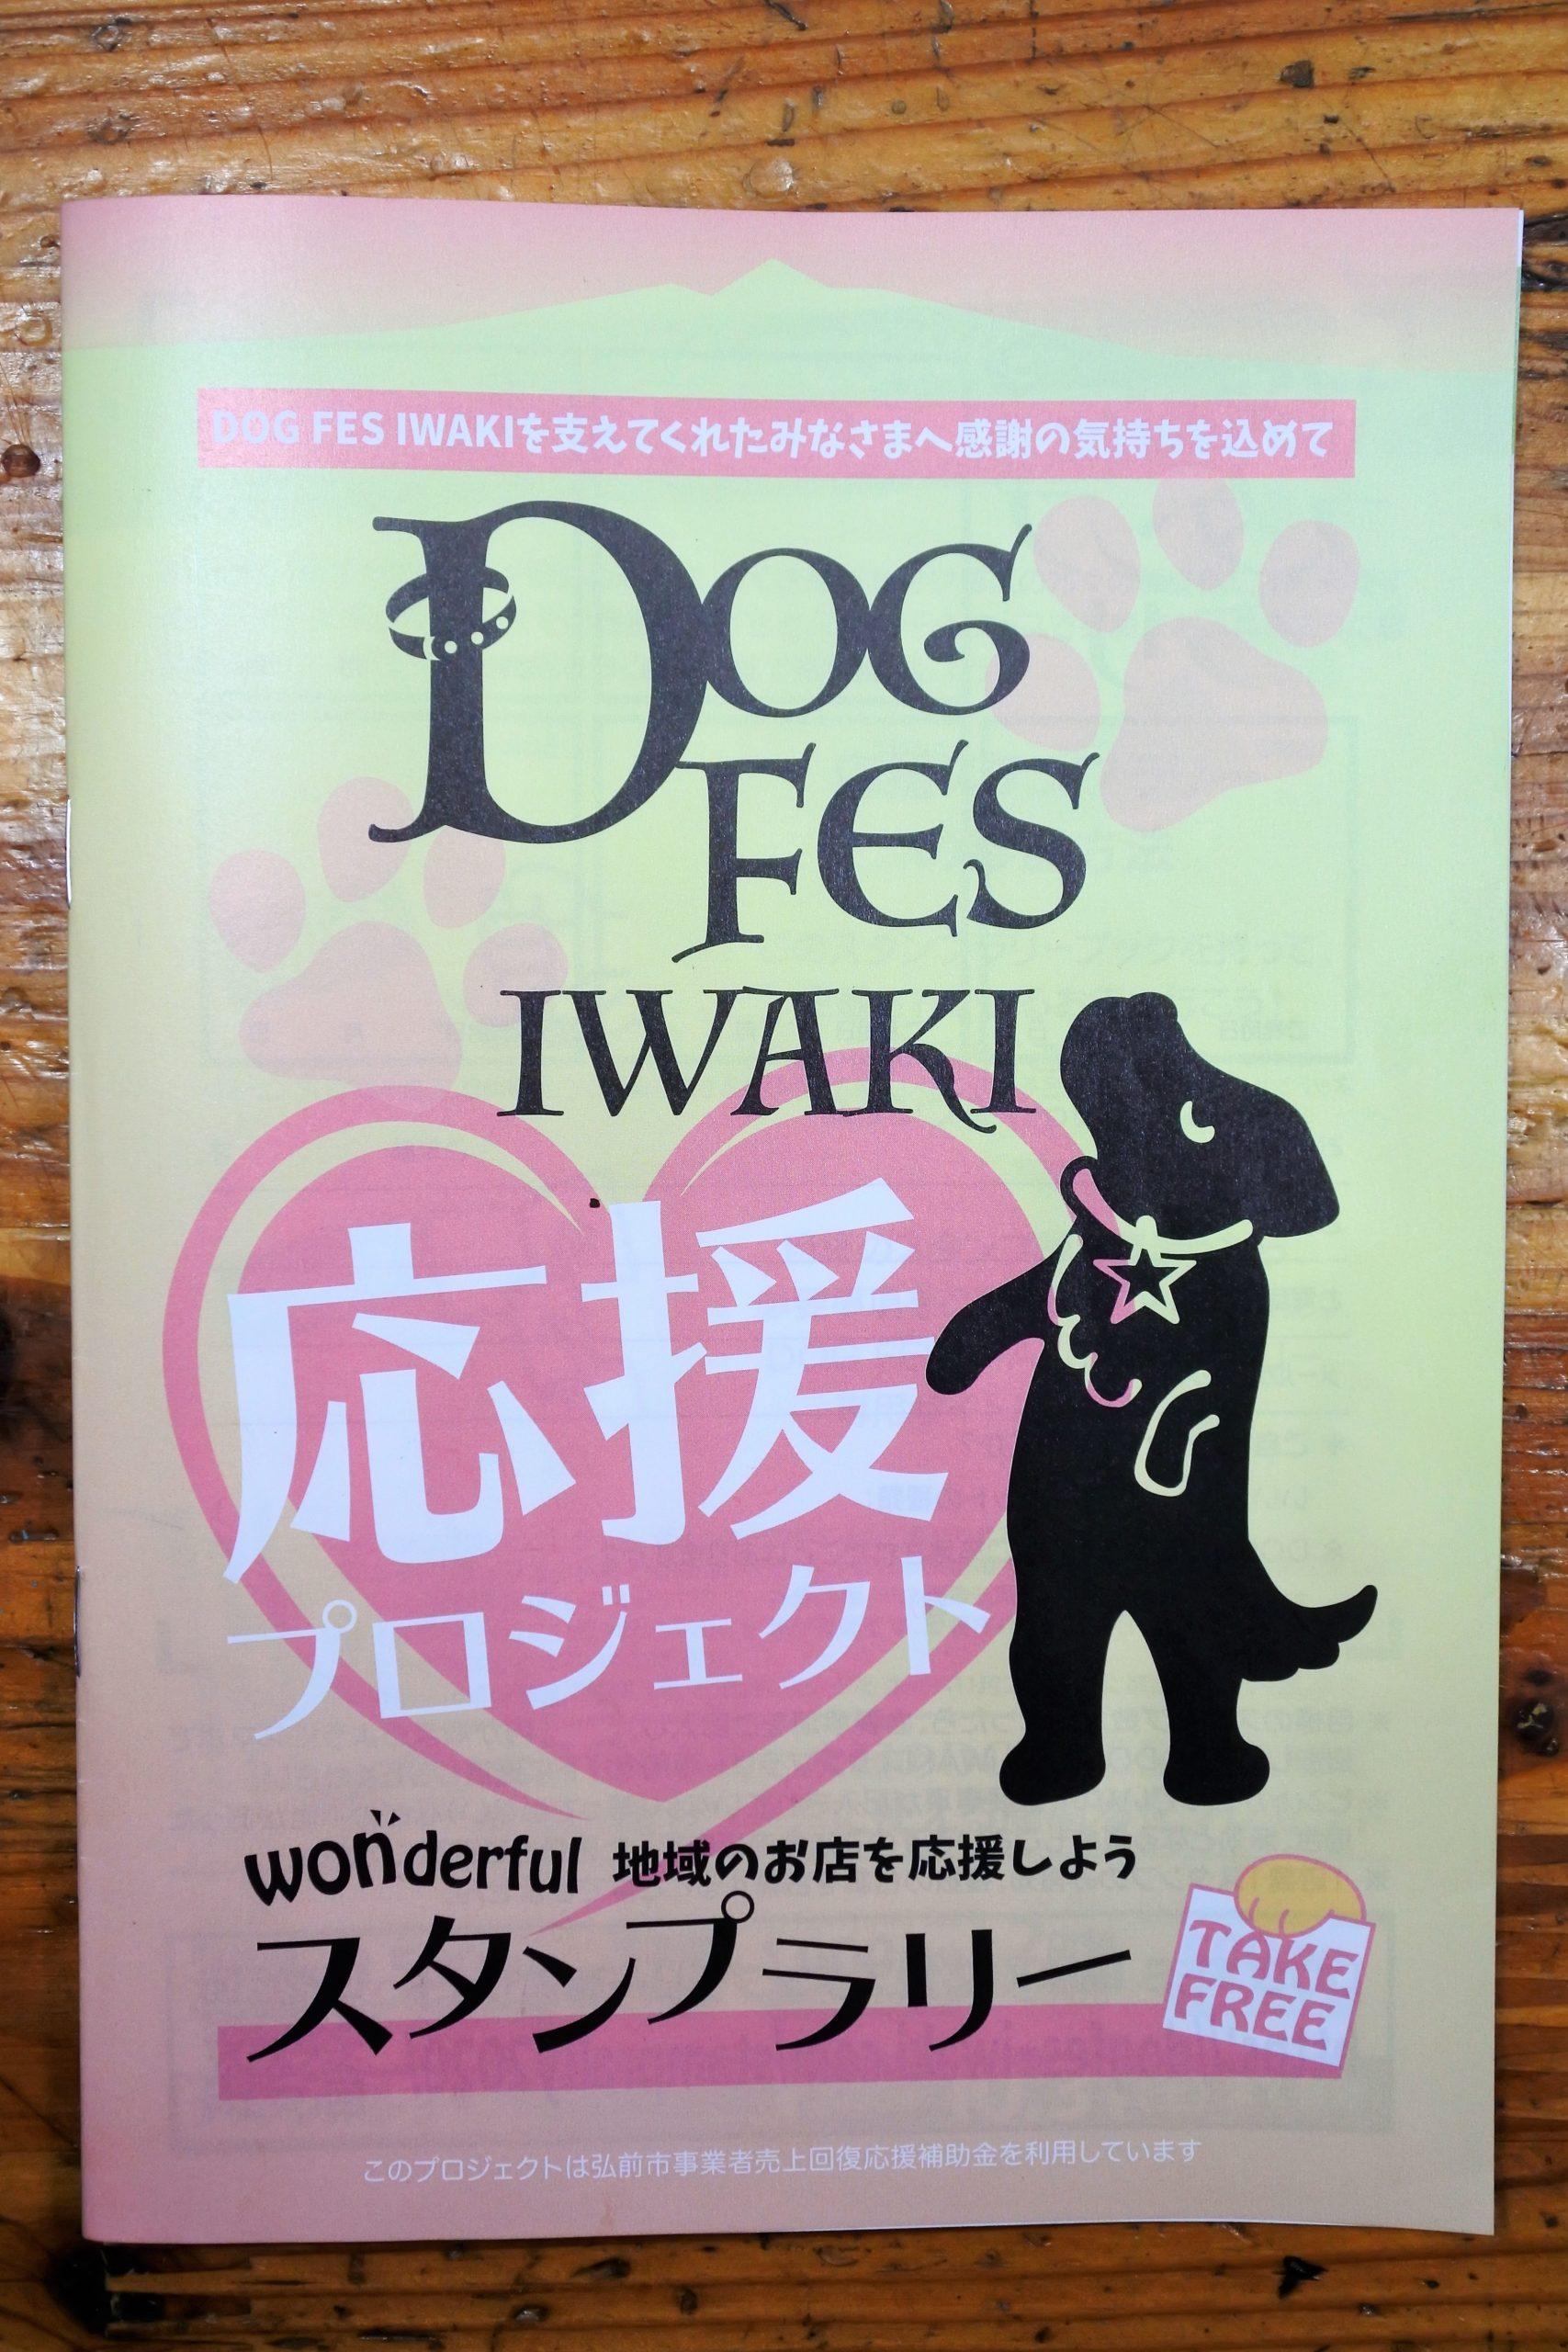 Dog fes IWAKI スタンプラリー